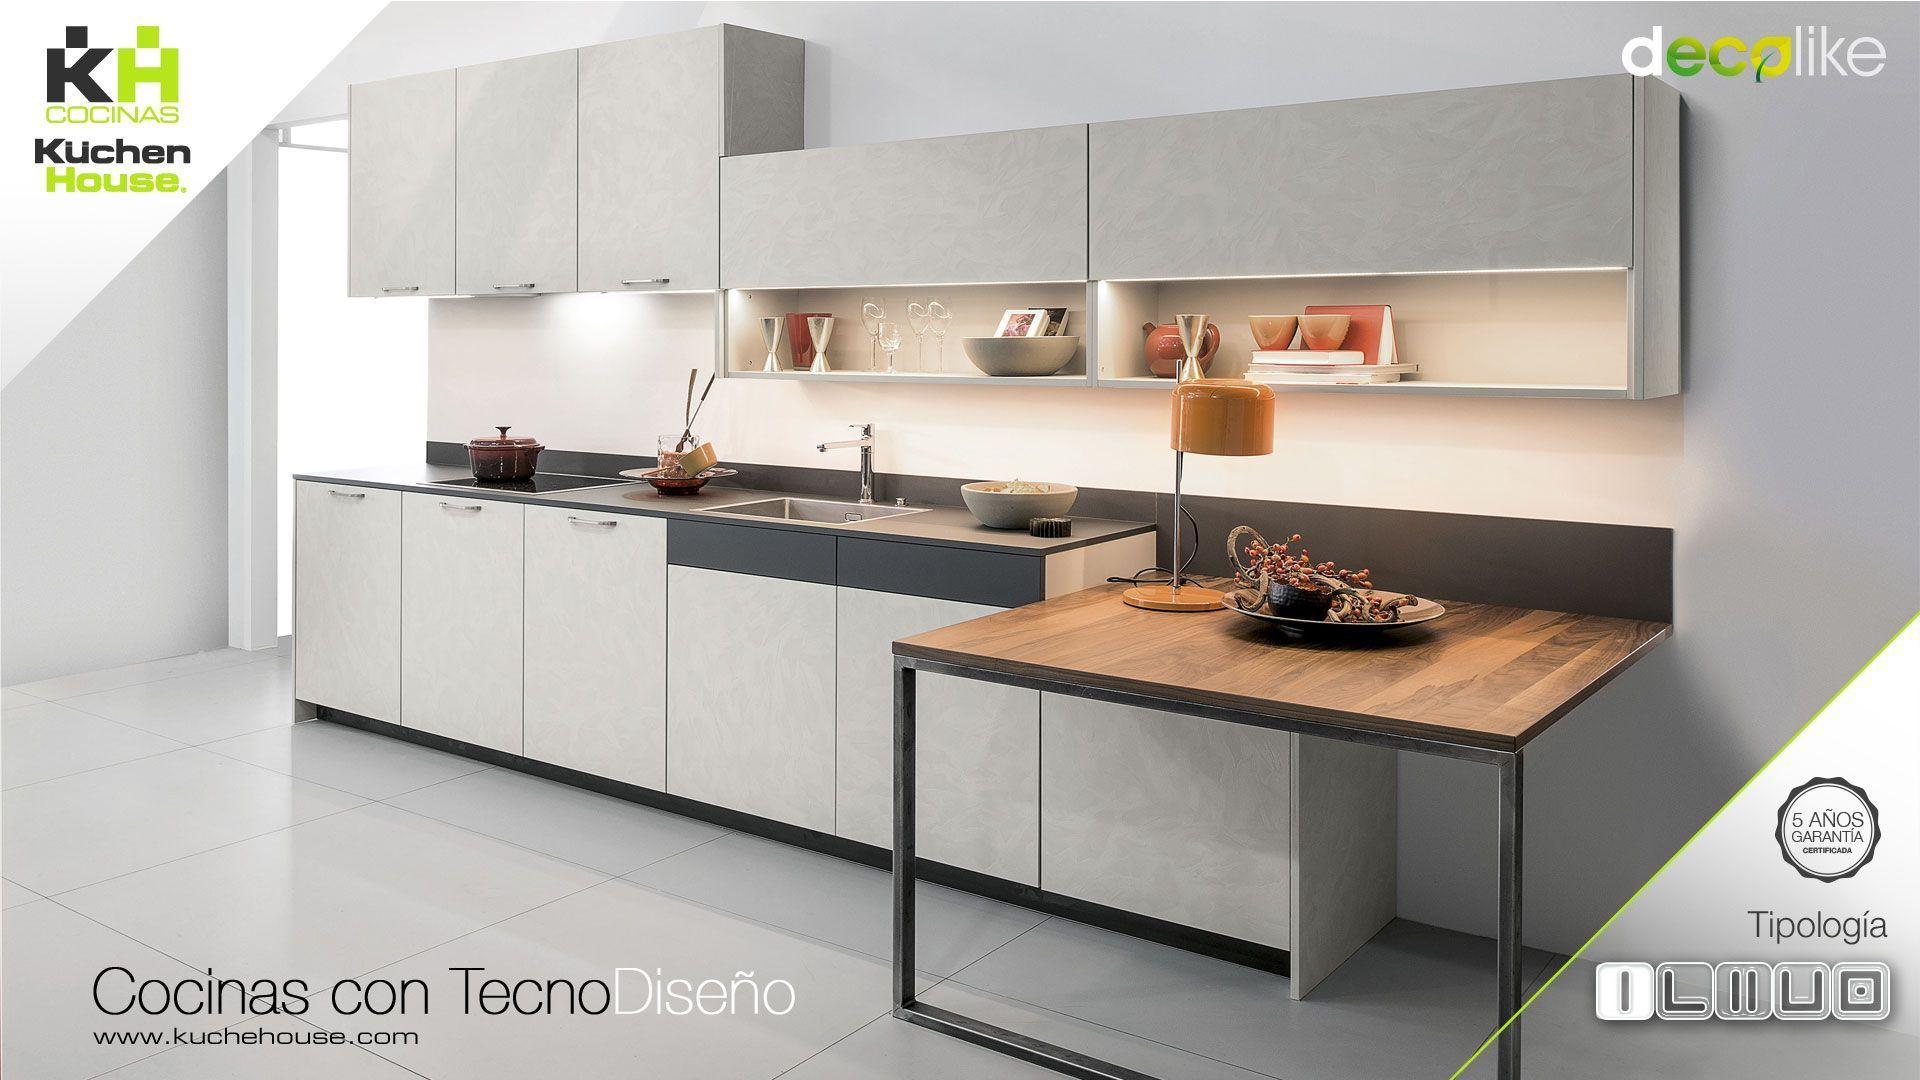 Cocina en Linea - Recta - Decolike - KuchenHouse - Reformas - Armarios - Hogar